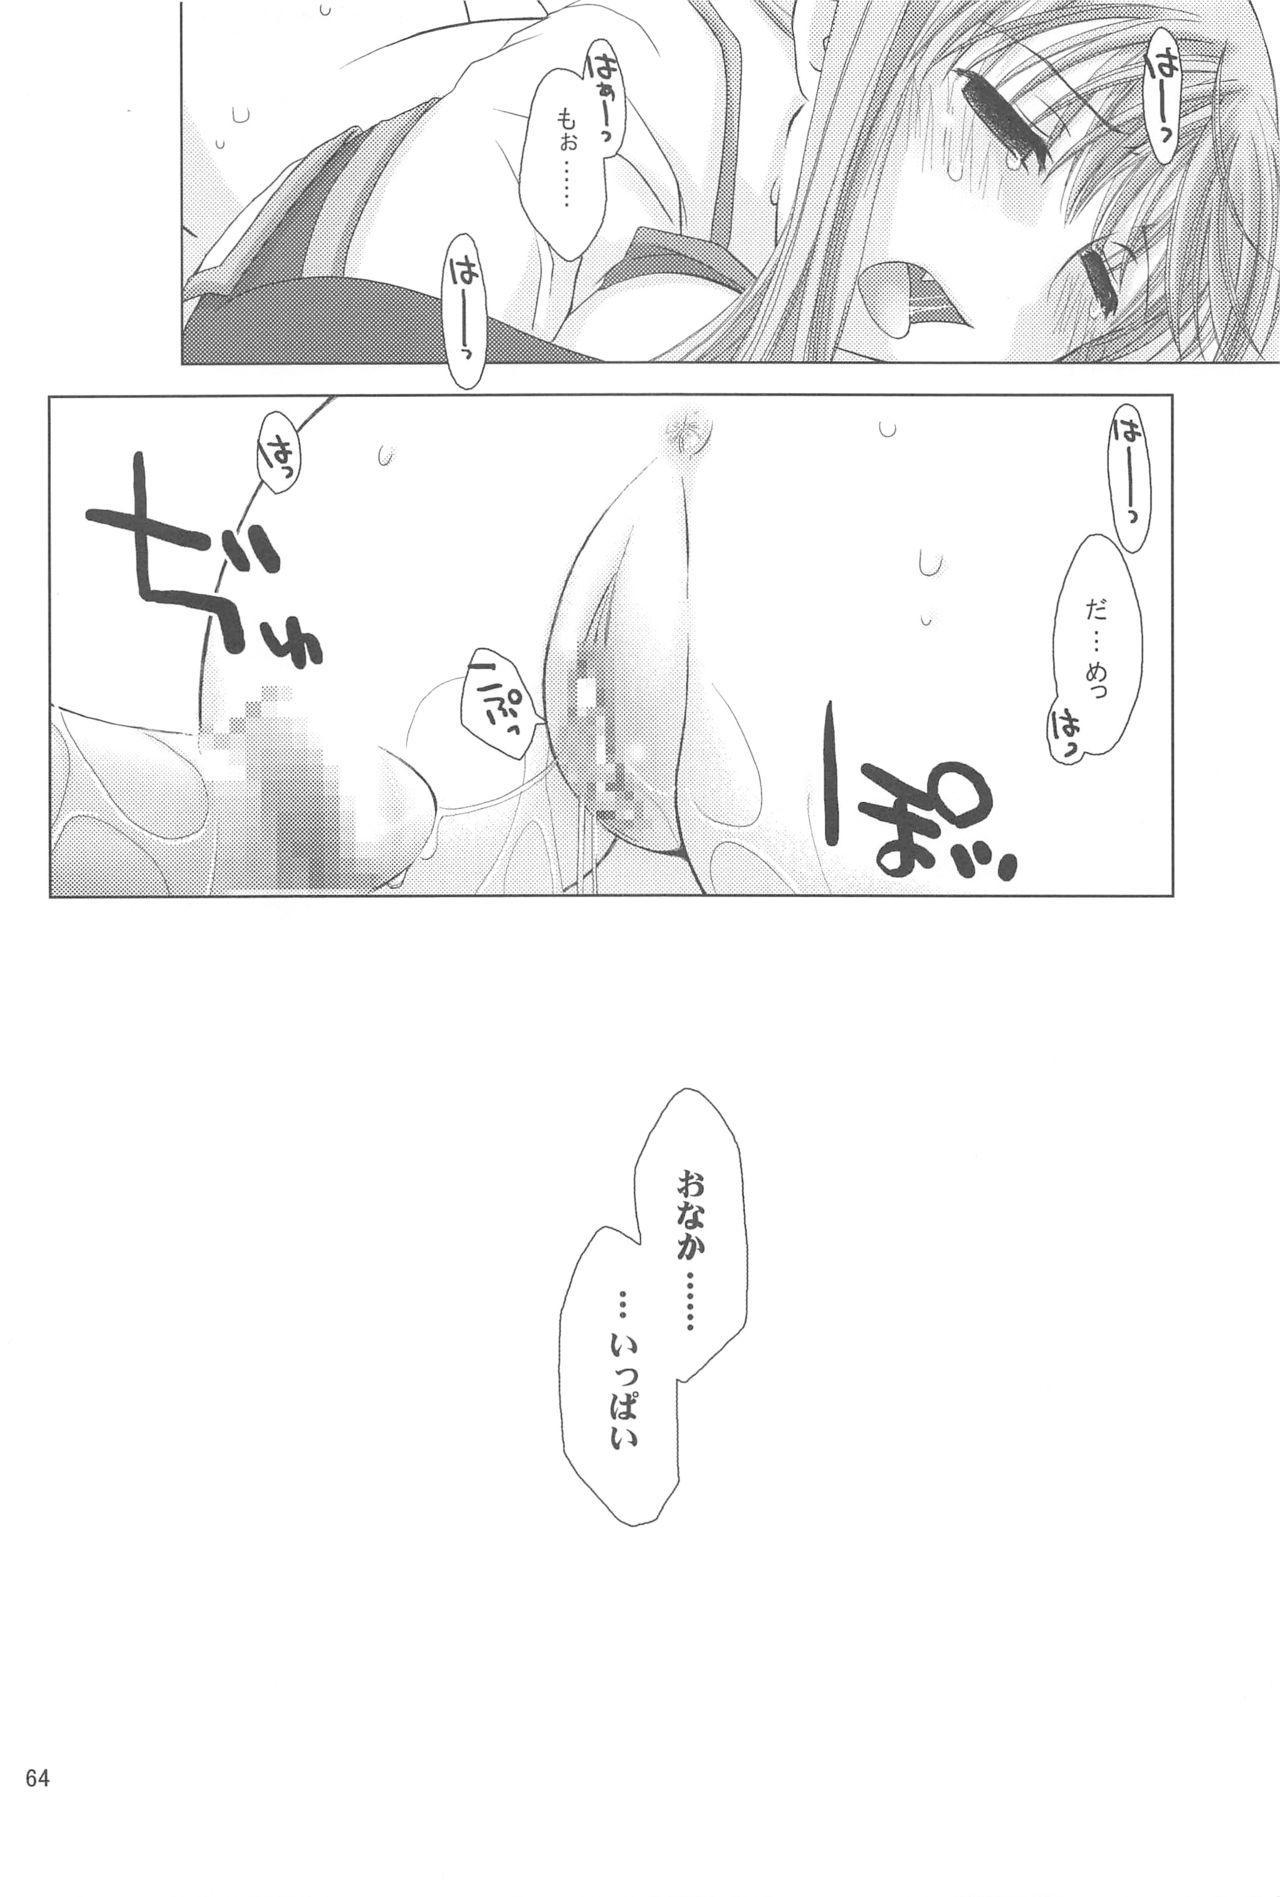 Quagmire no Chuushin de, Shuuchuuryoku Koujou to Sakebu 62